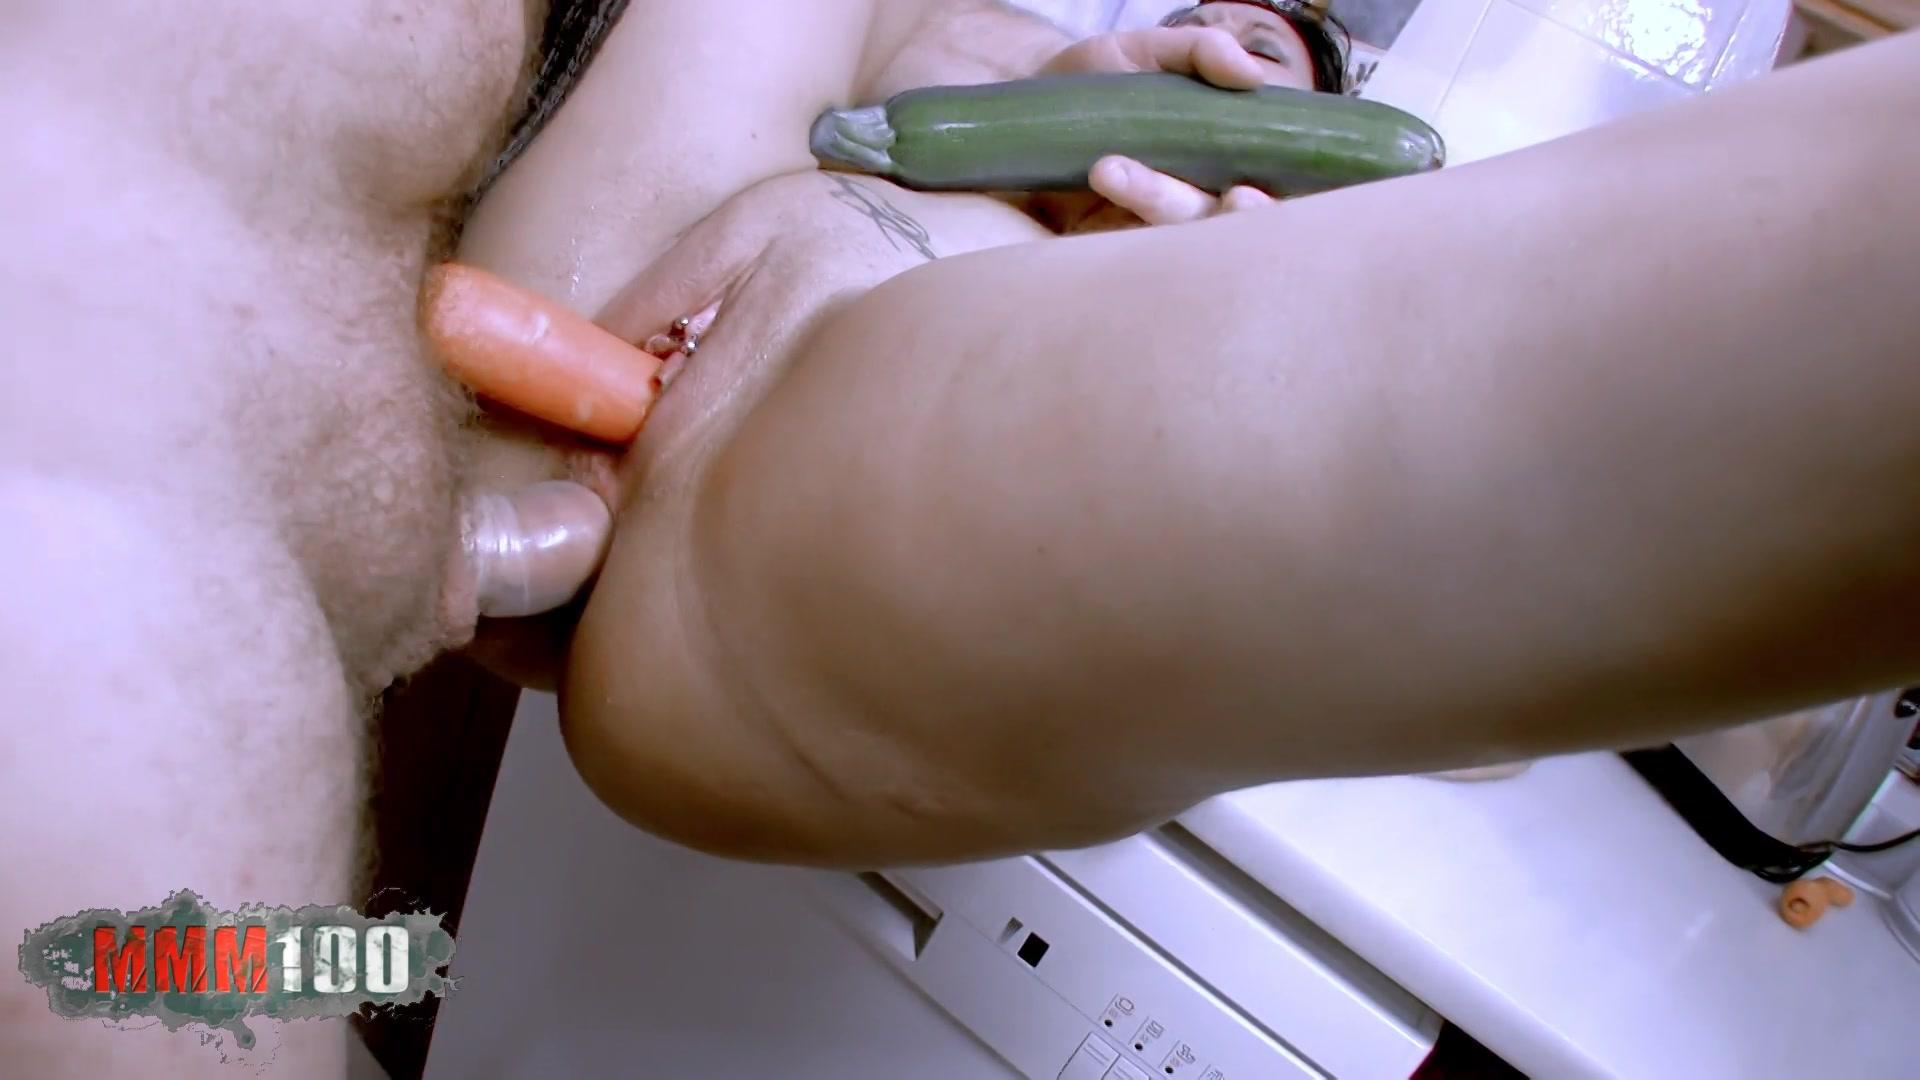 Sexo En La Cocina - Videos Porno de Sexo En La Cocina